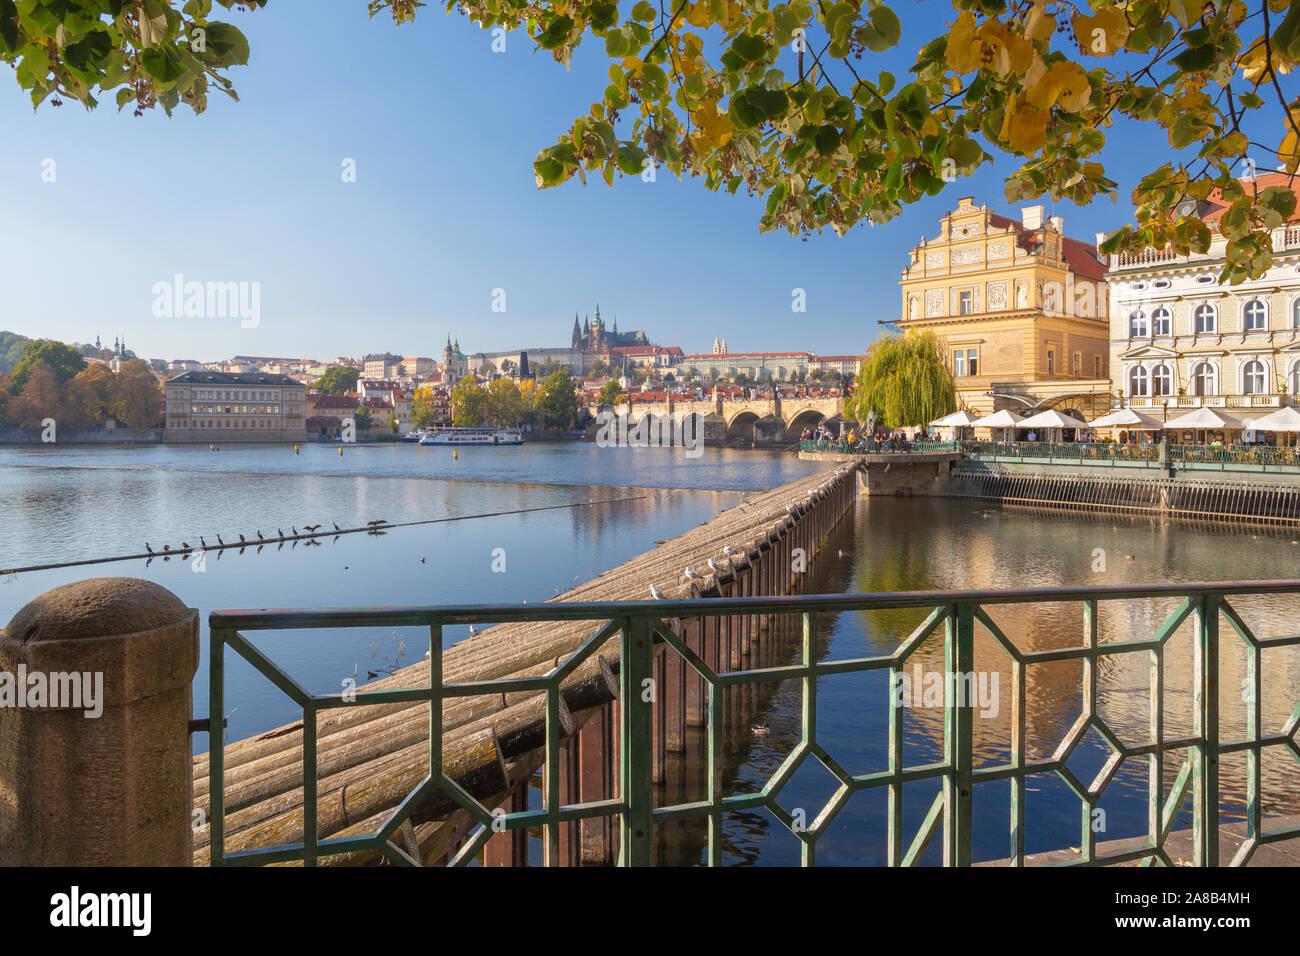 Praga- La buildind de Bedrich Smetana museo y el Puente de Carlos, el castillo y la Catedral de fondo. Foto de stock